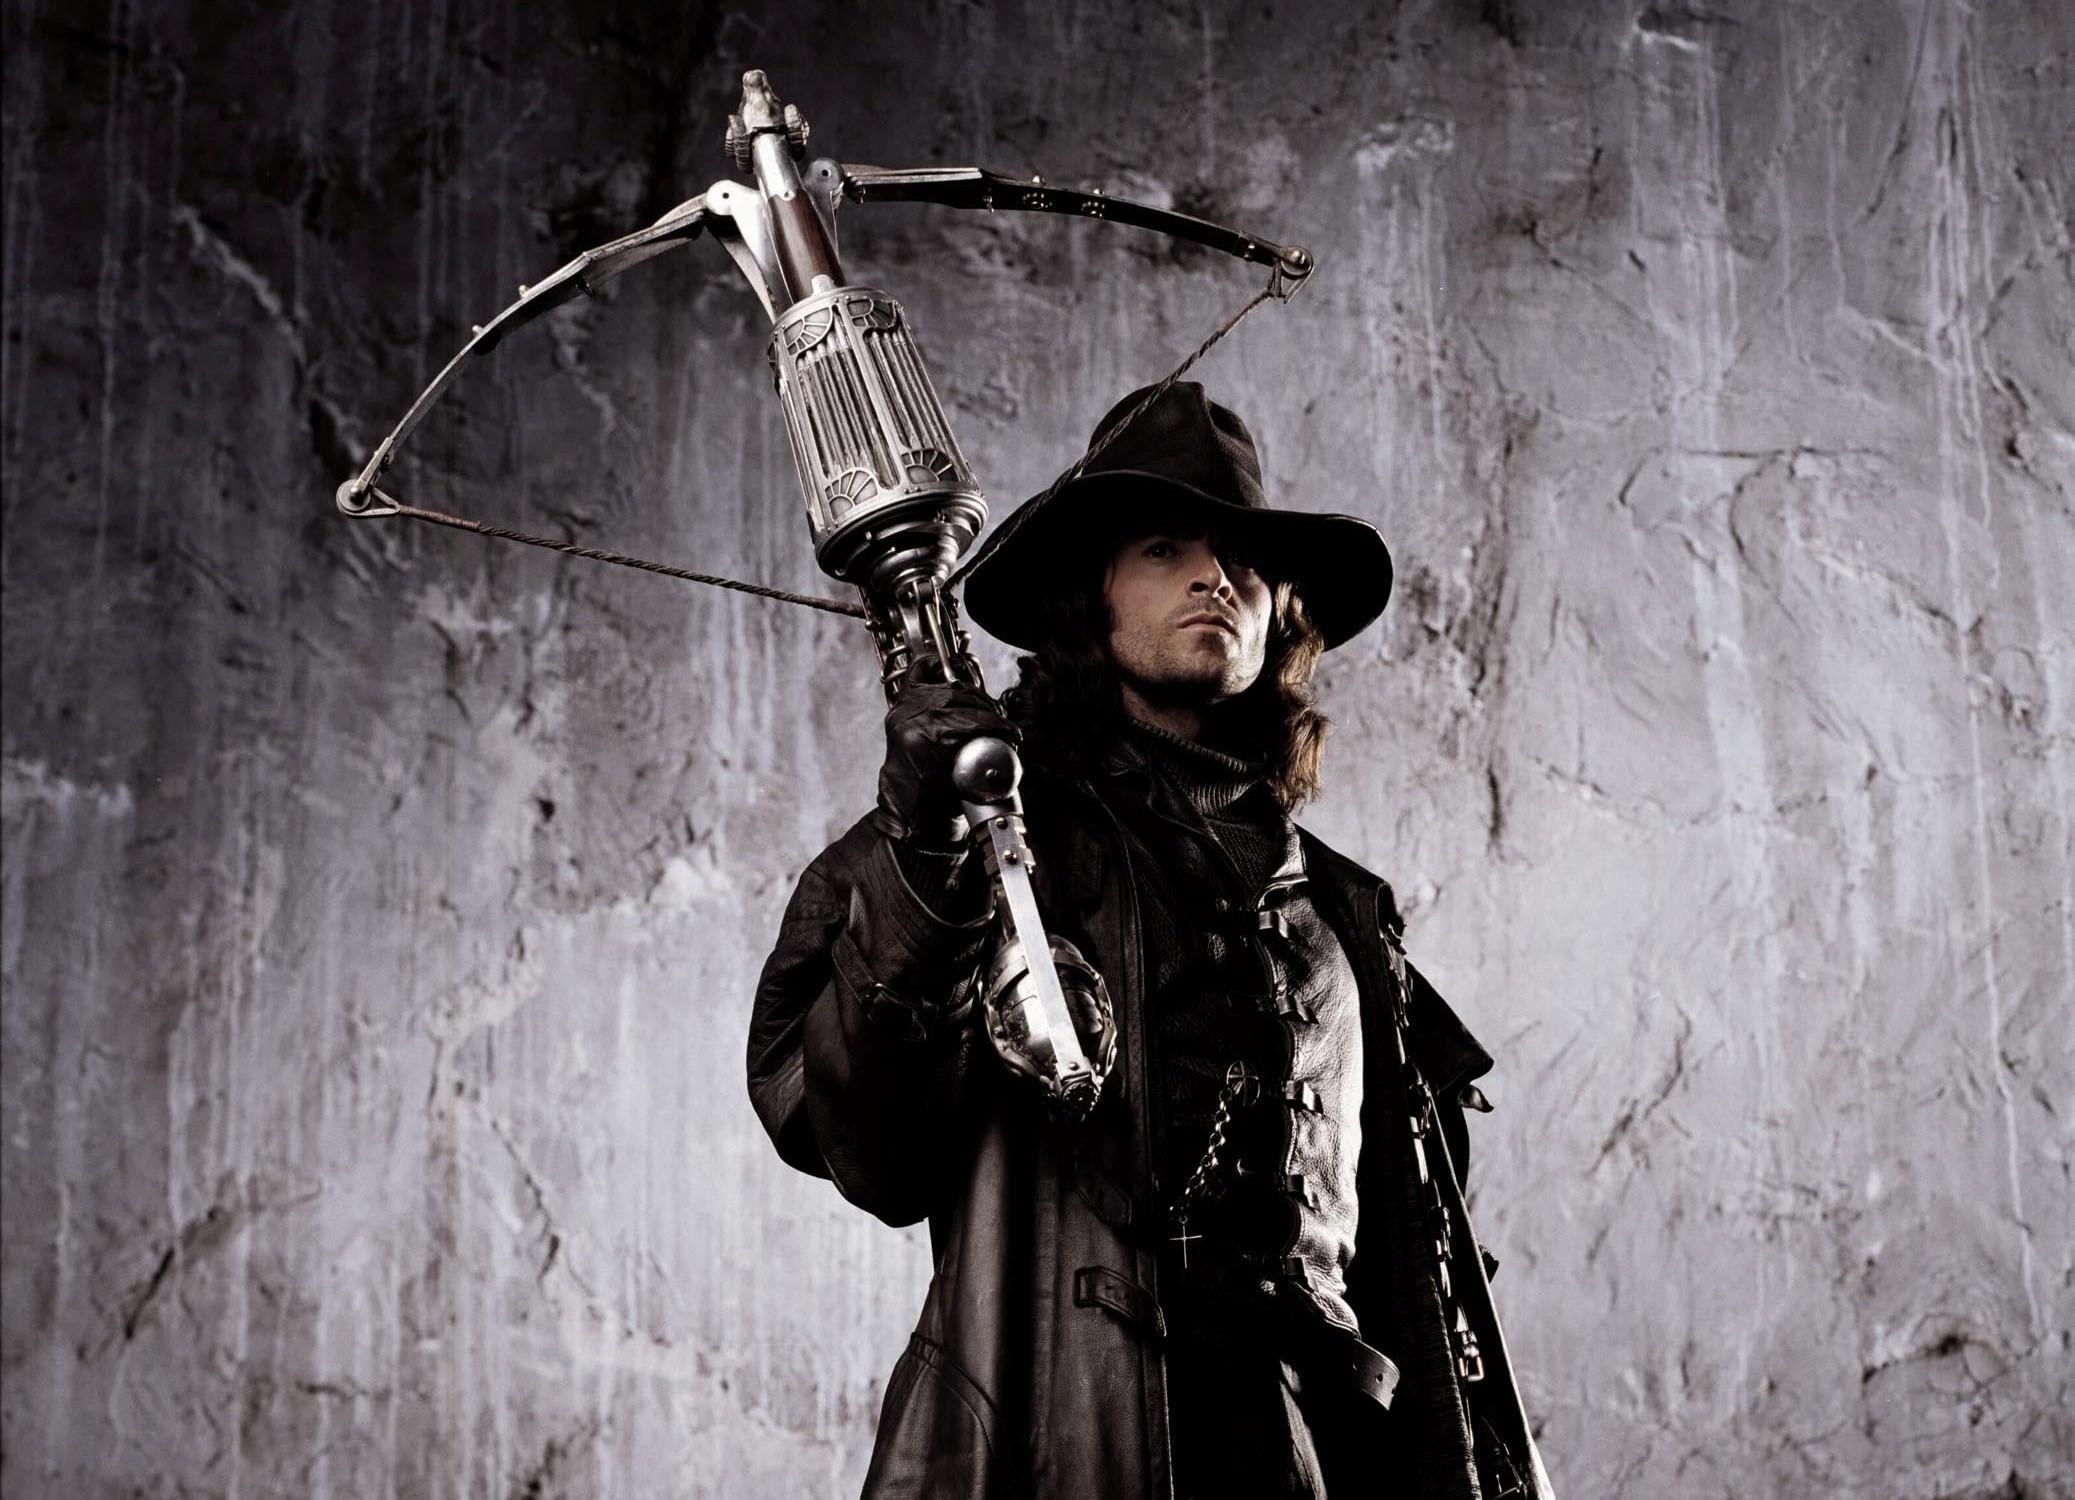 My Free Wallpapers - Movies Wallpaper : Van Helsing